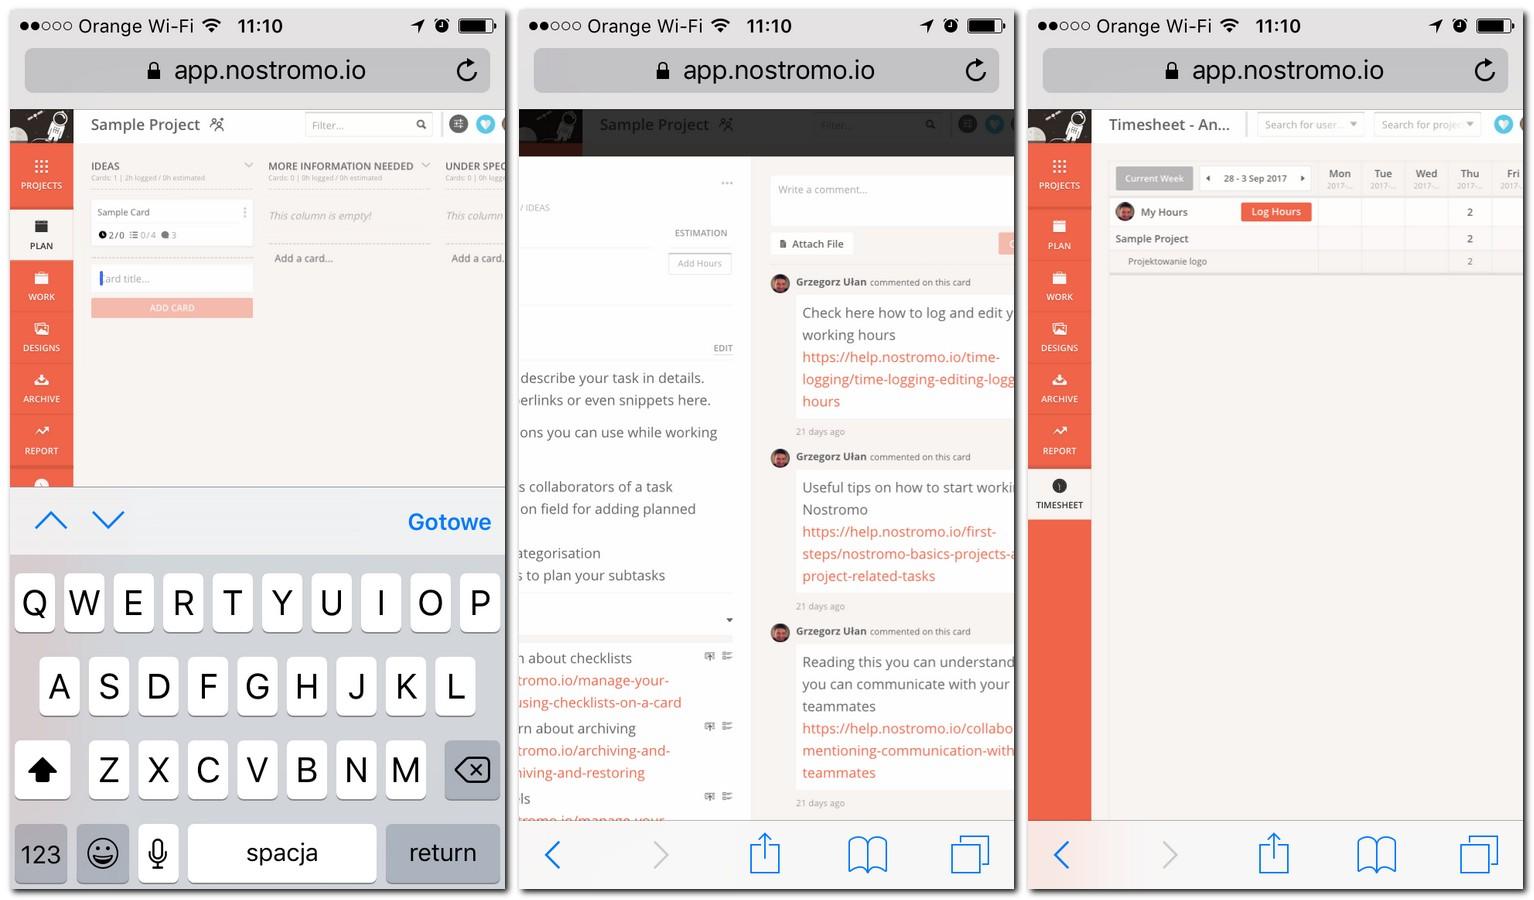 Nostromo w aplikacji mobilnej na smartfonie